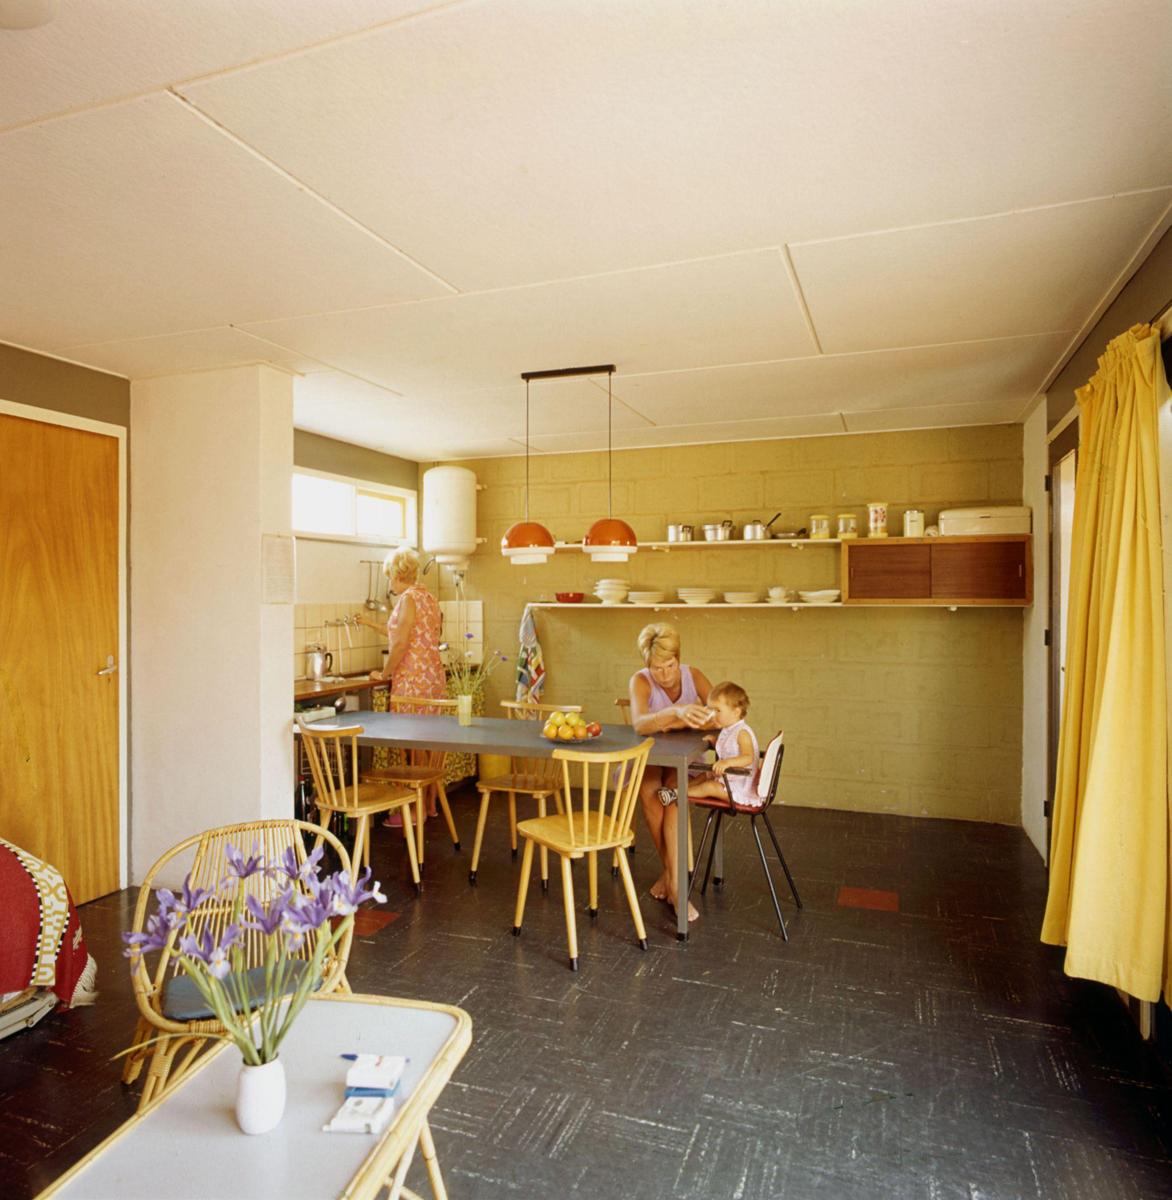 twee vrouwen en kind in vakantiehuisje jaren 60 70 interieur met rotan zitje colovinyl vloertegels en grote waterboiler in de keuken plaats onbekend